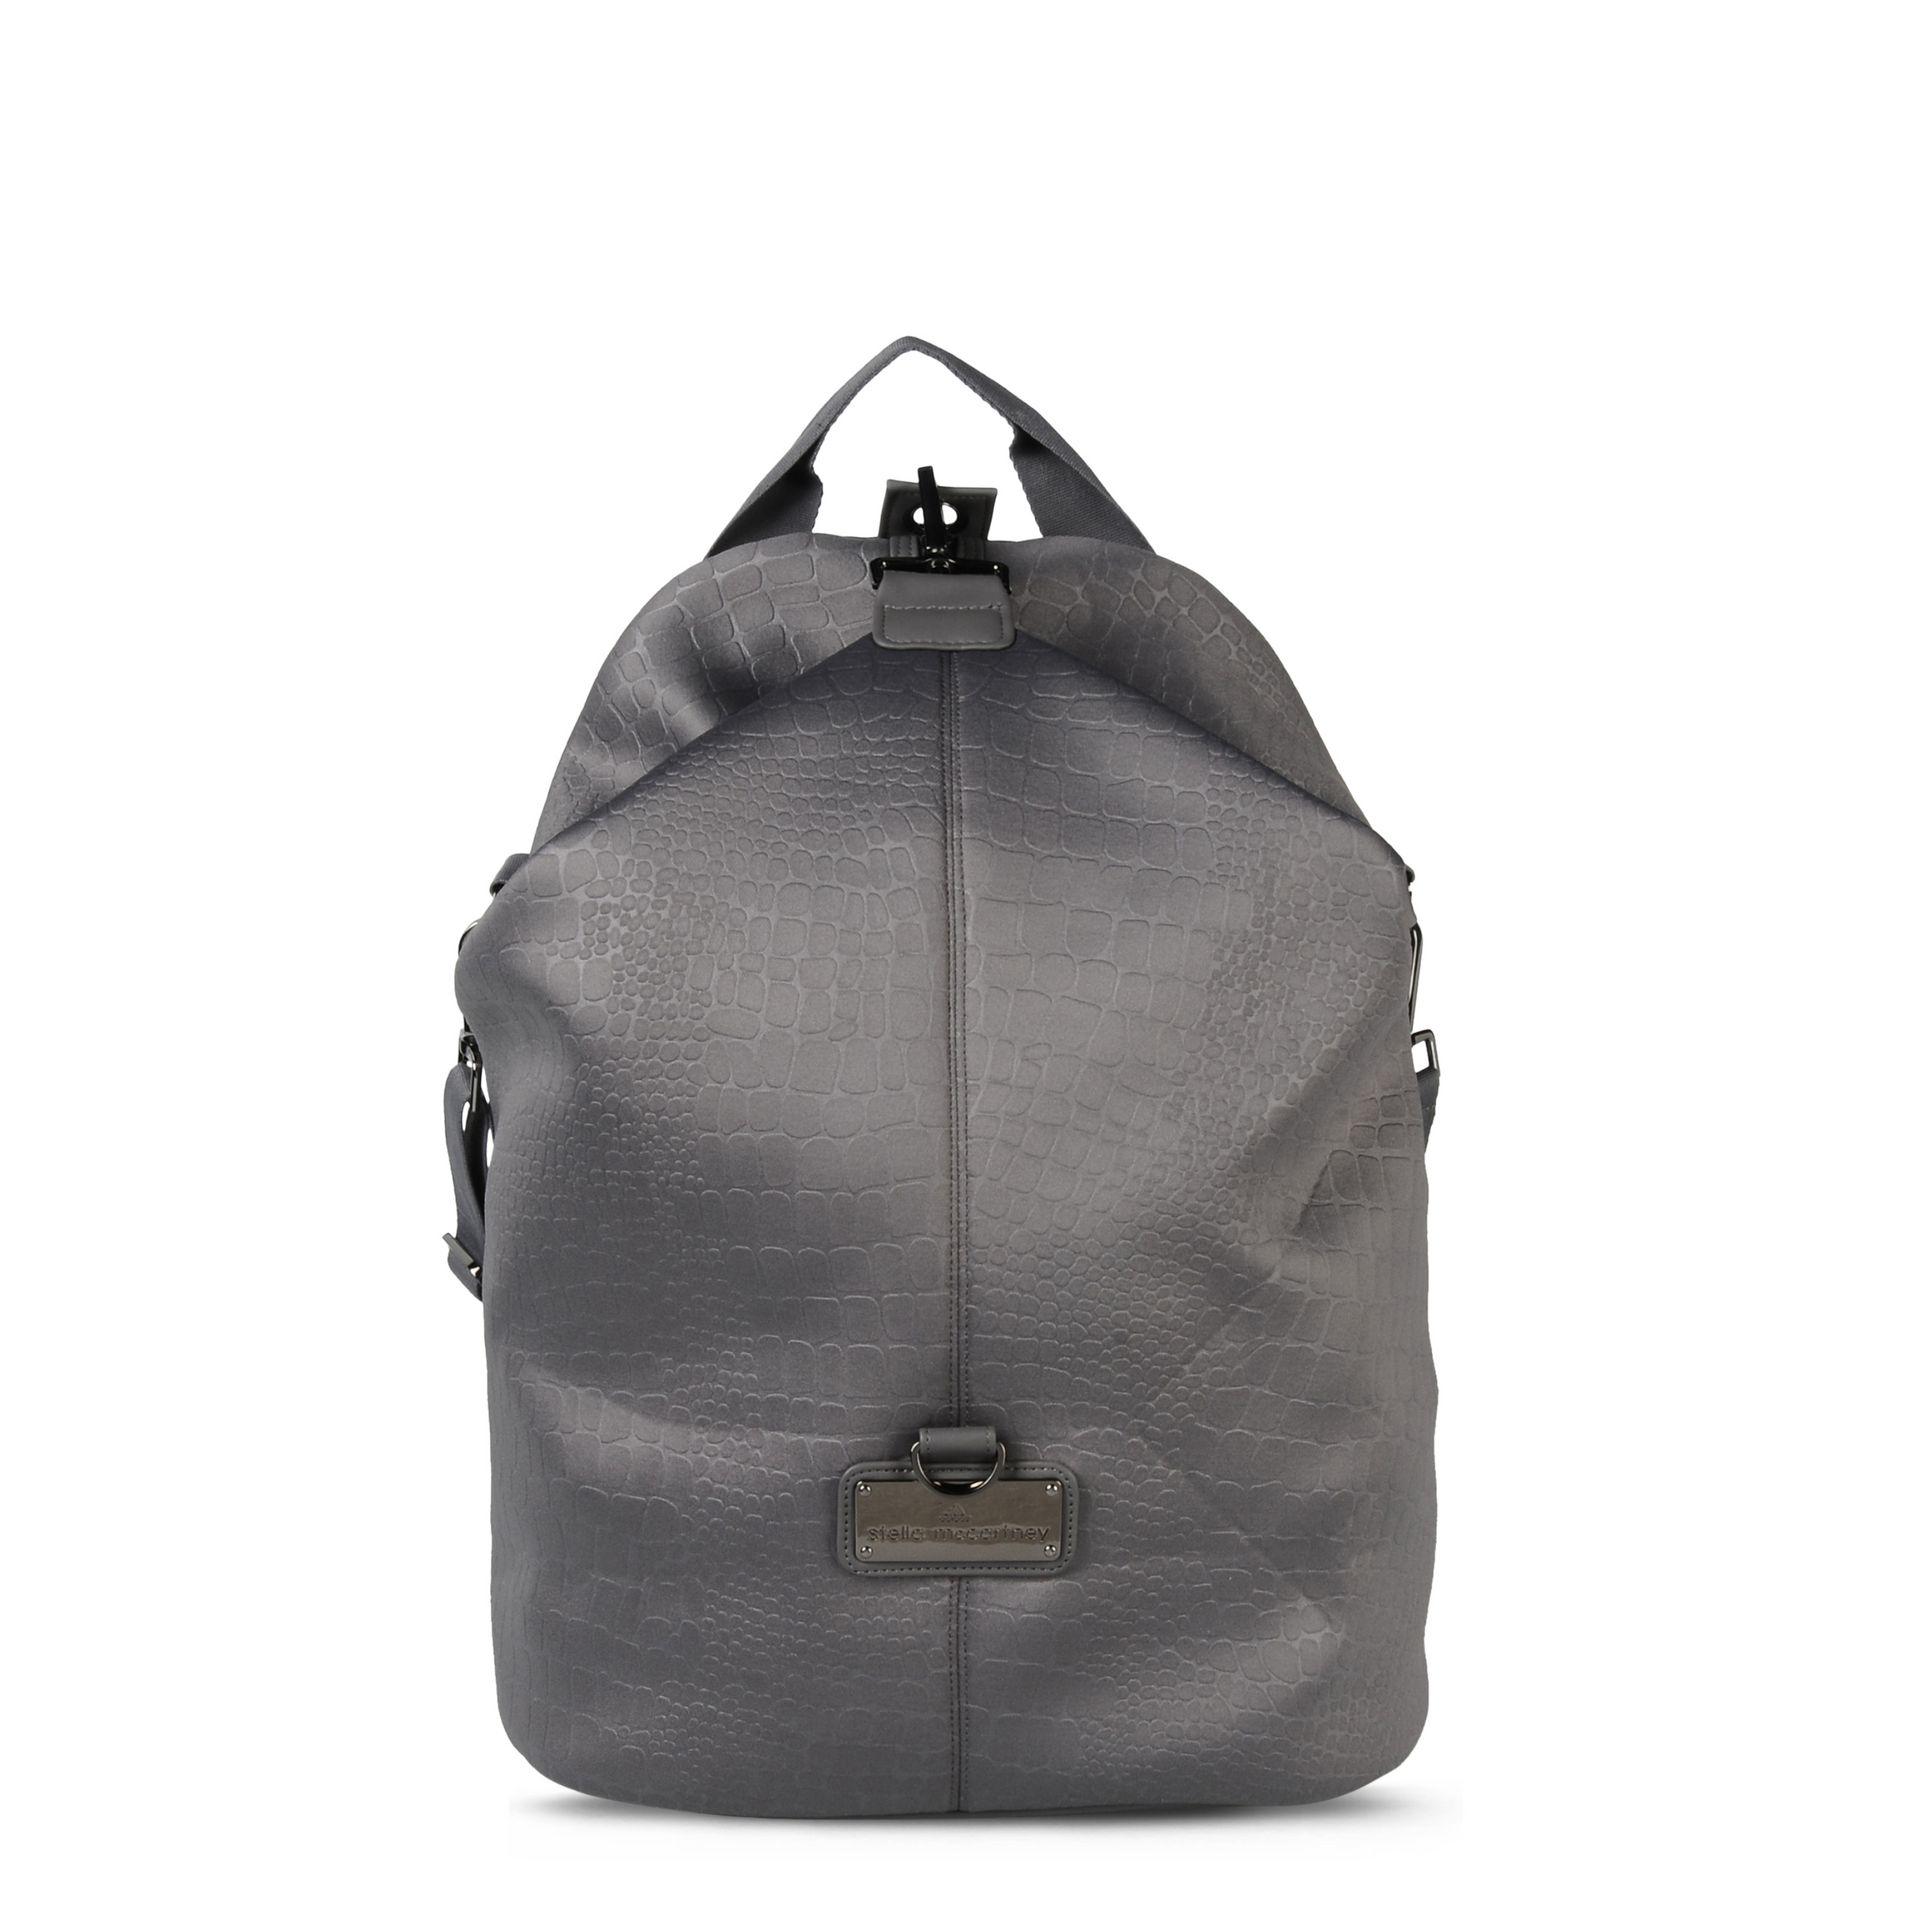 ad23794e19 Lyst - adidas By Stella McCartney Grey Studio Bag in Gray